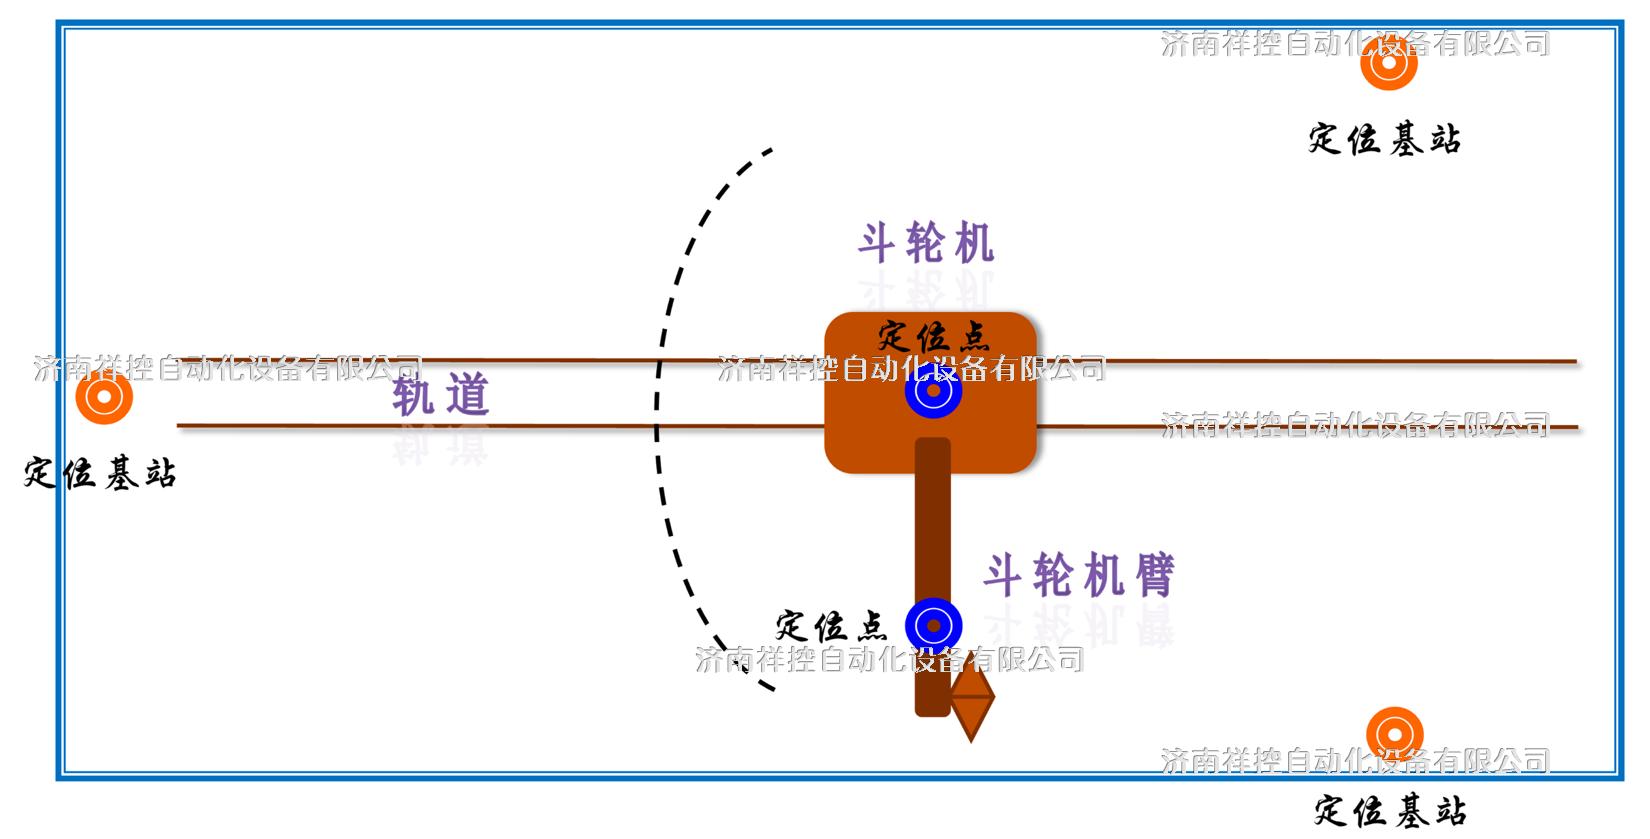 斗轮机识址定位系统.png